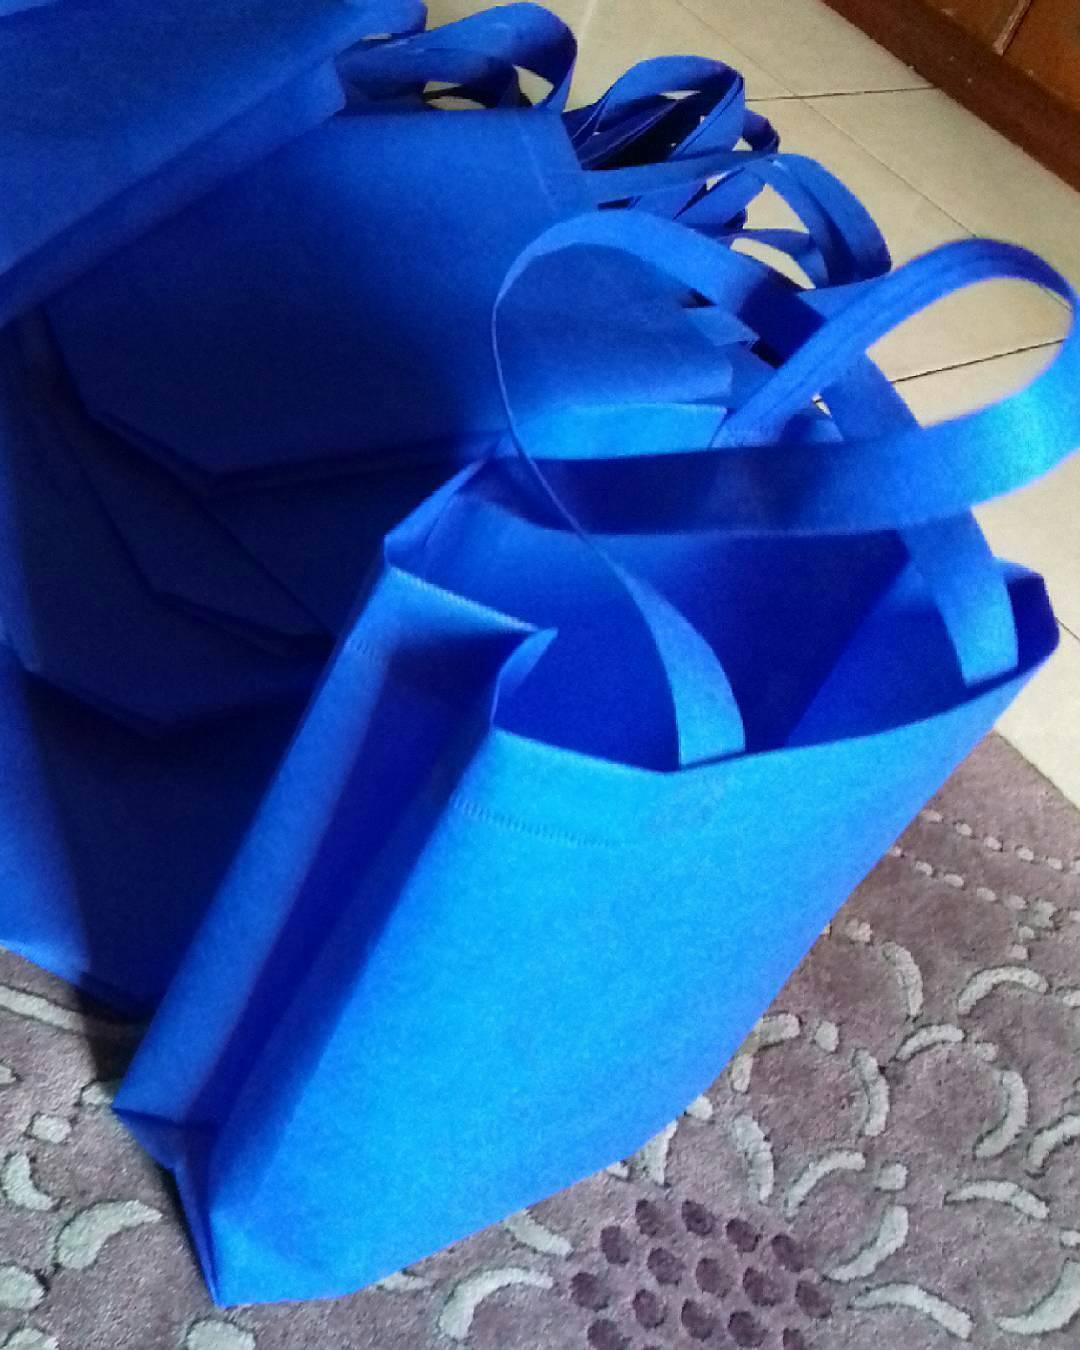 tas furing, tas berkat wadah souvenir, tas furing murah, tas furing biru